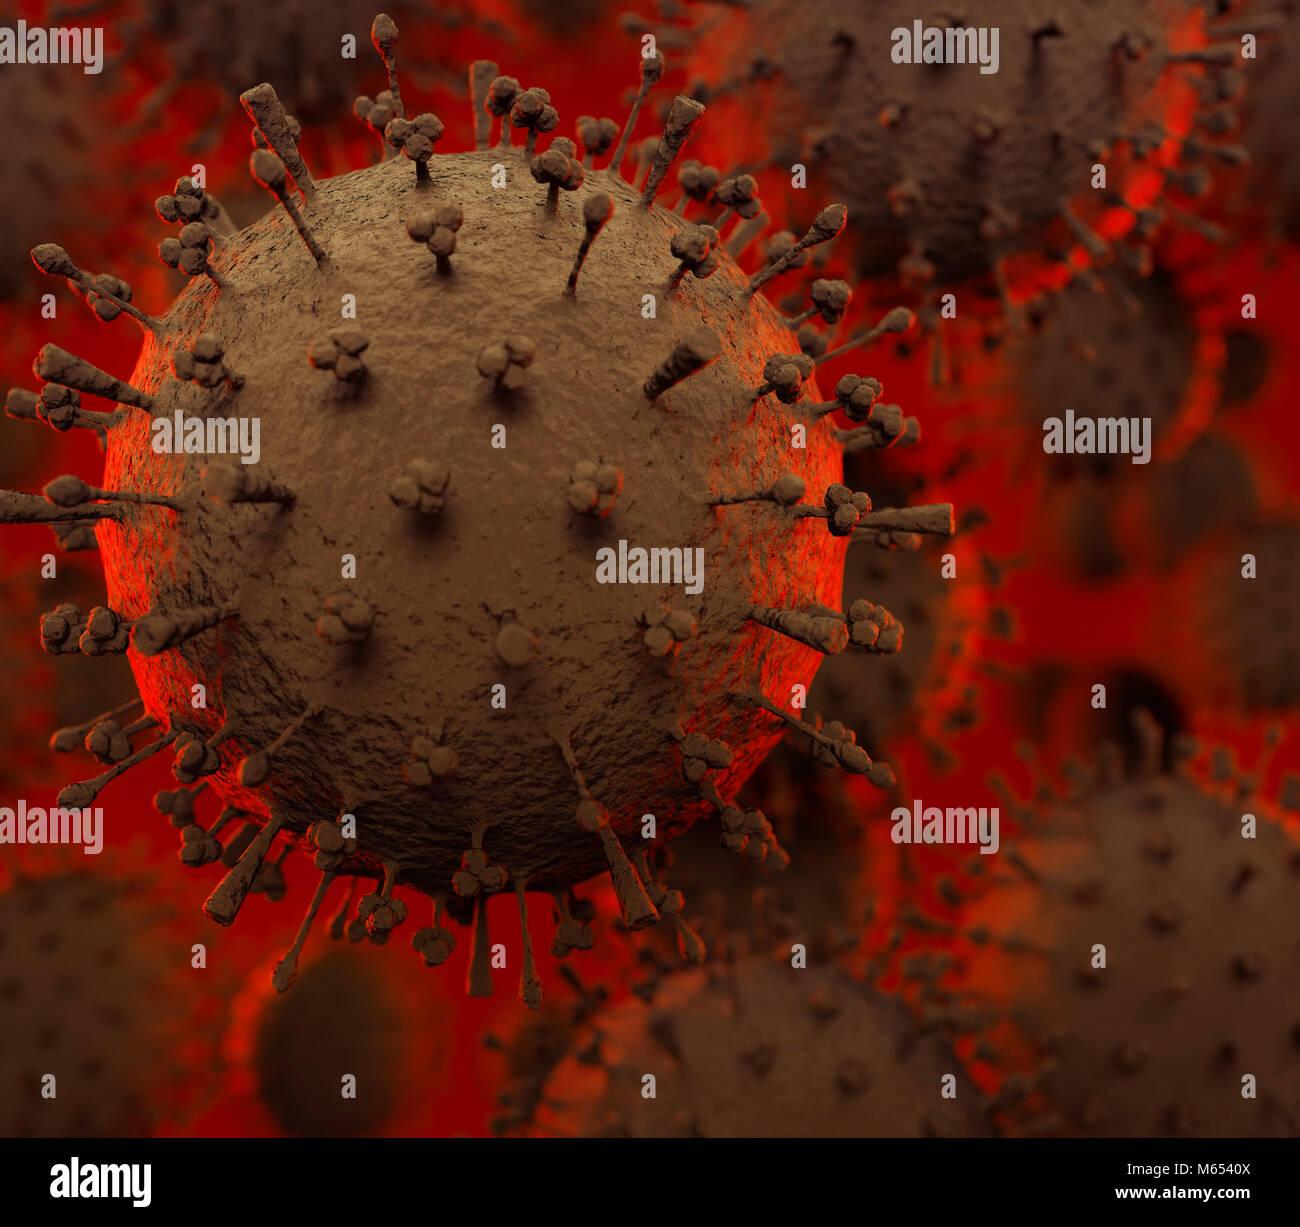 Vogelgrippe-virus H1N1, H5N1, Influenza-A-Virus Partikel-virionen unter einem Mikroskop. Medizinische 3D-Illustration Stockbild